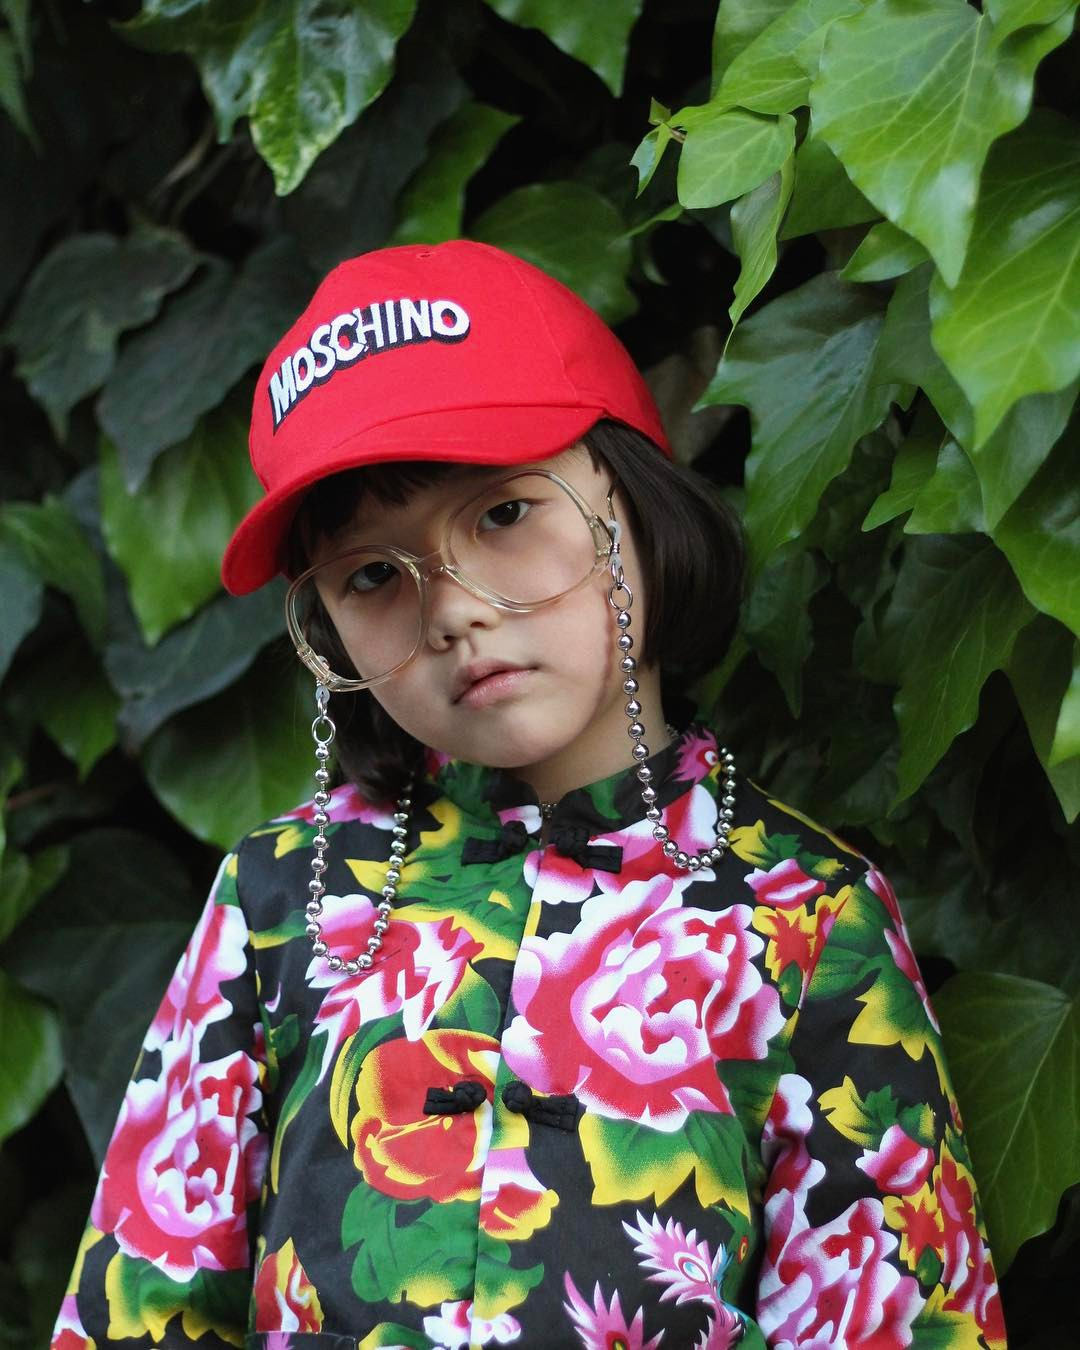 Mix đồ đẹp hơn người lớn, luôn đeo kính cực ngầu, cô bé này chính là fashion icon nhí chất nhất Nhật Bản - Ảnh 1.